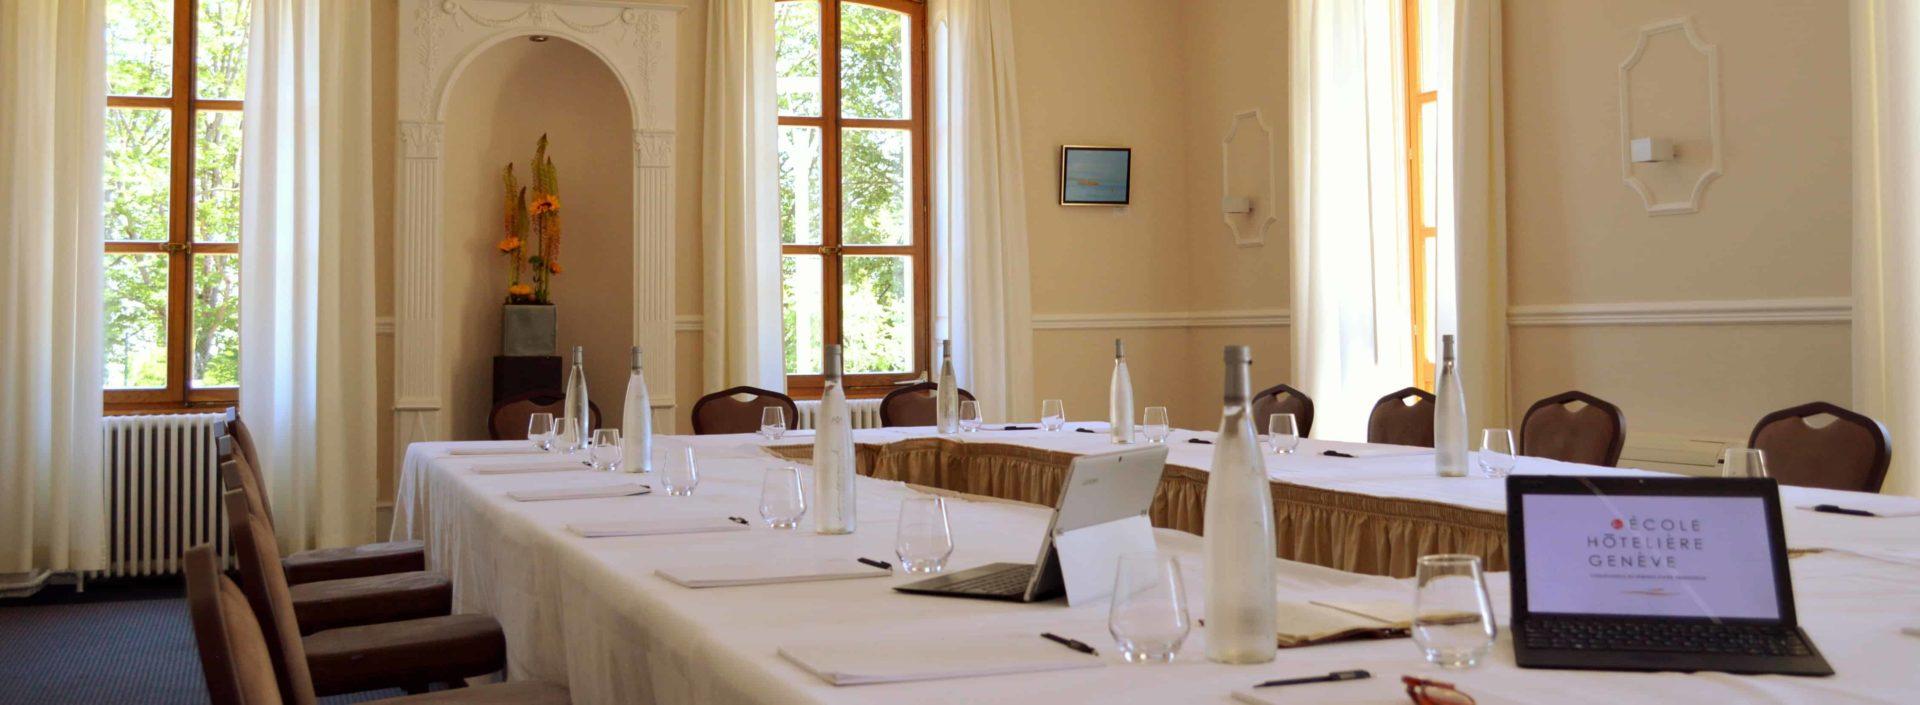 Restaurant Vieux Bois a Geneve Location de Salle